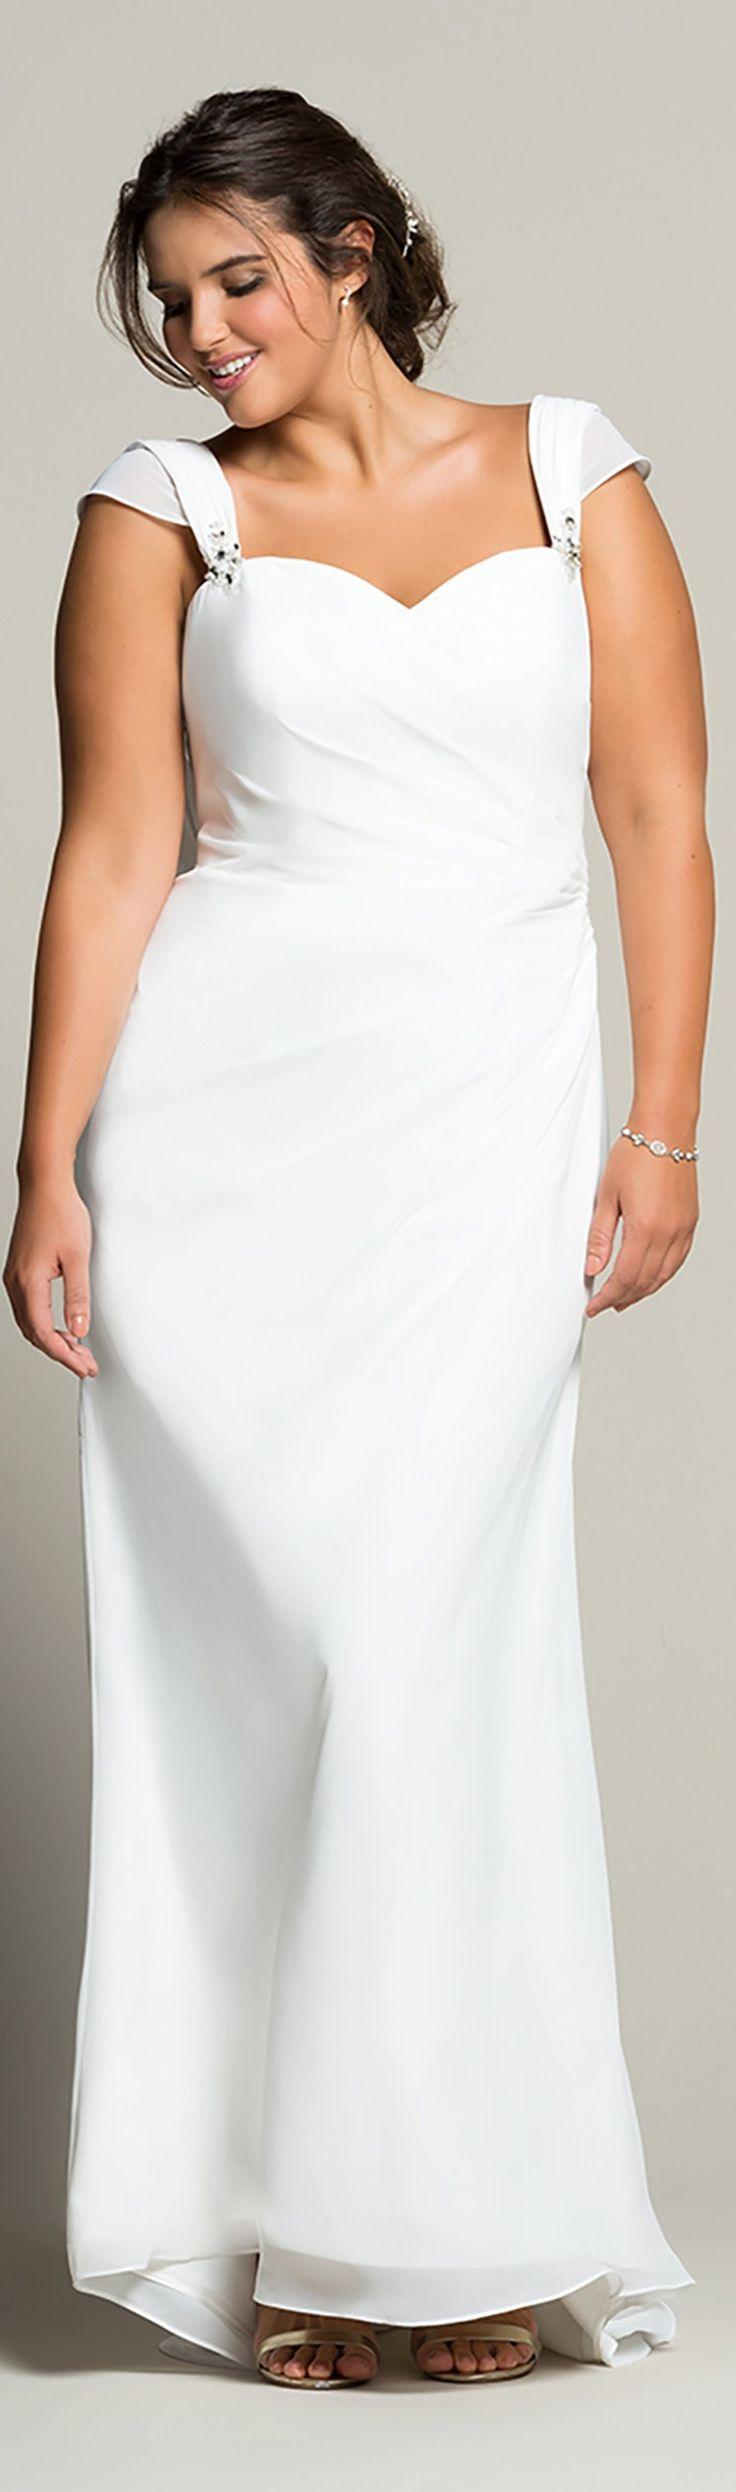 The 111 best Full figured wedding dresses images on Pinterest ...